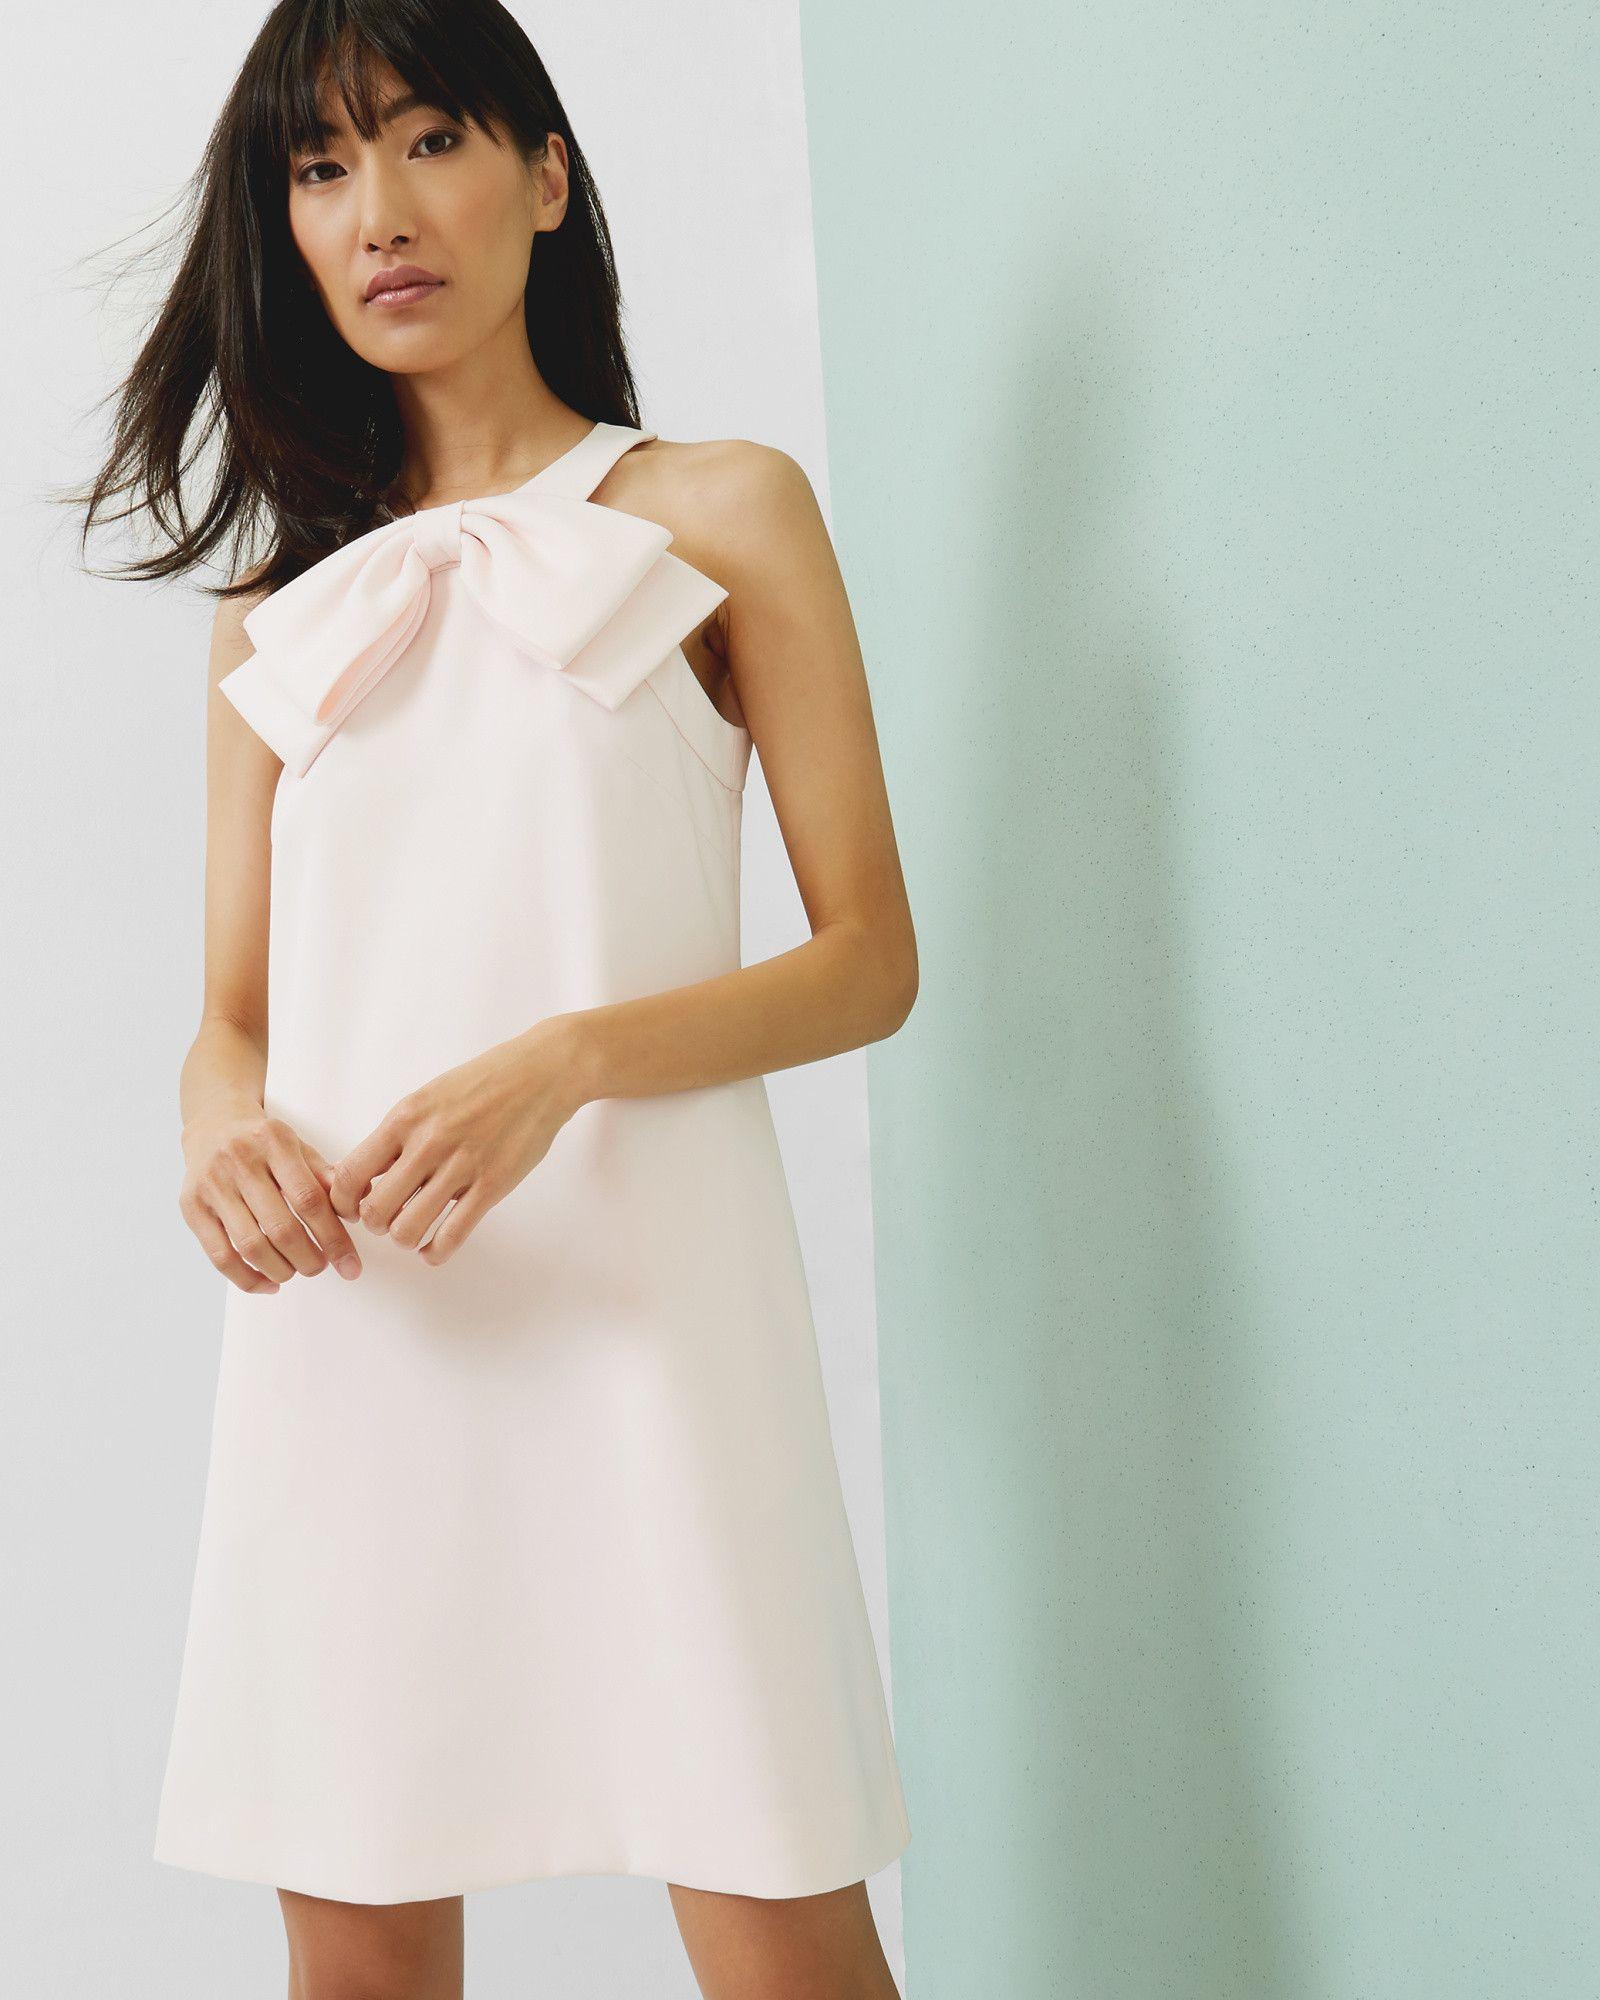 Kleid in A-Linie mit Schleife - Babyrosa | Kleider | Ted Baker ...